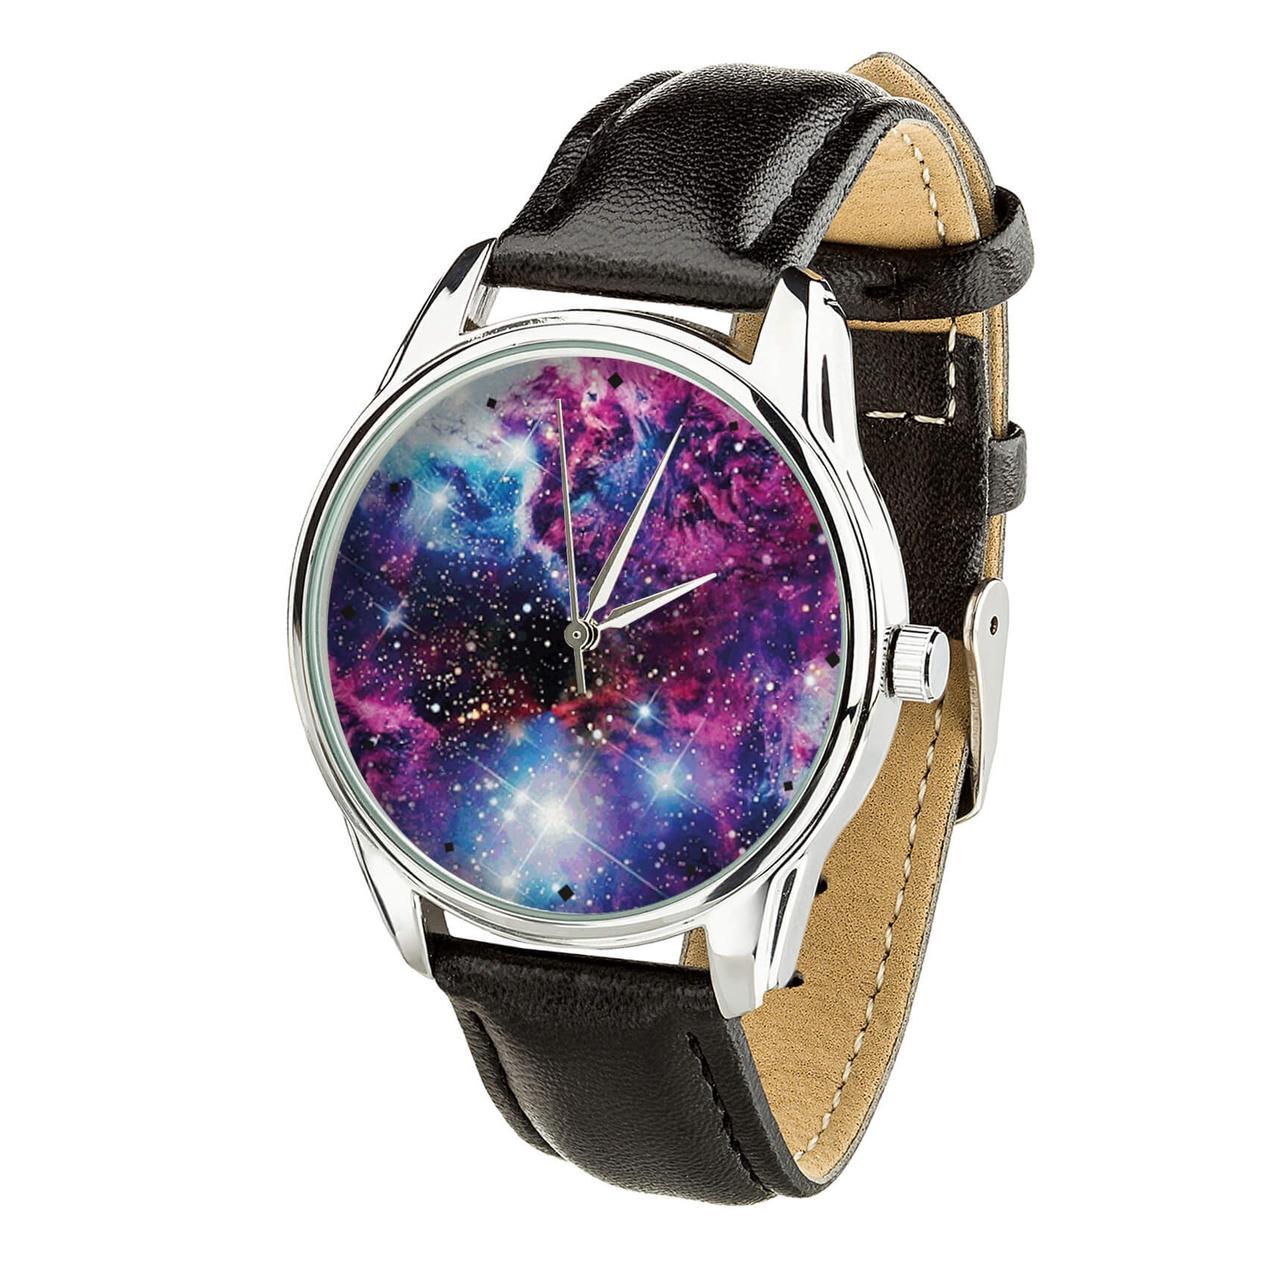 Часы ZIZ Галактика (ремешок насыщенно - черный, серебро) + дополнительный ремешок